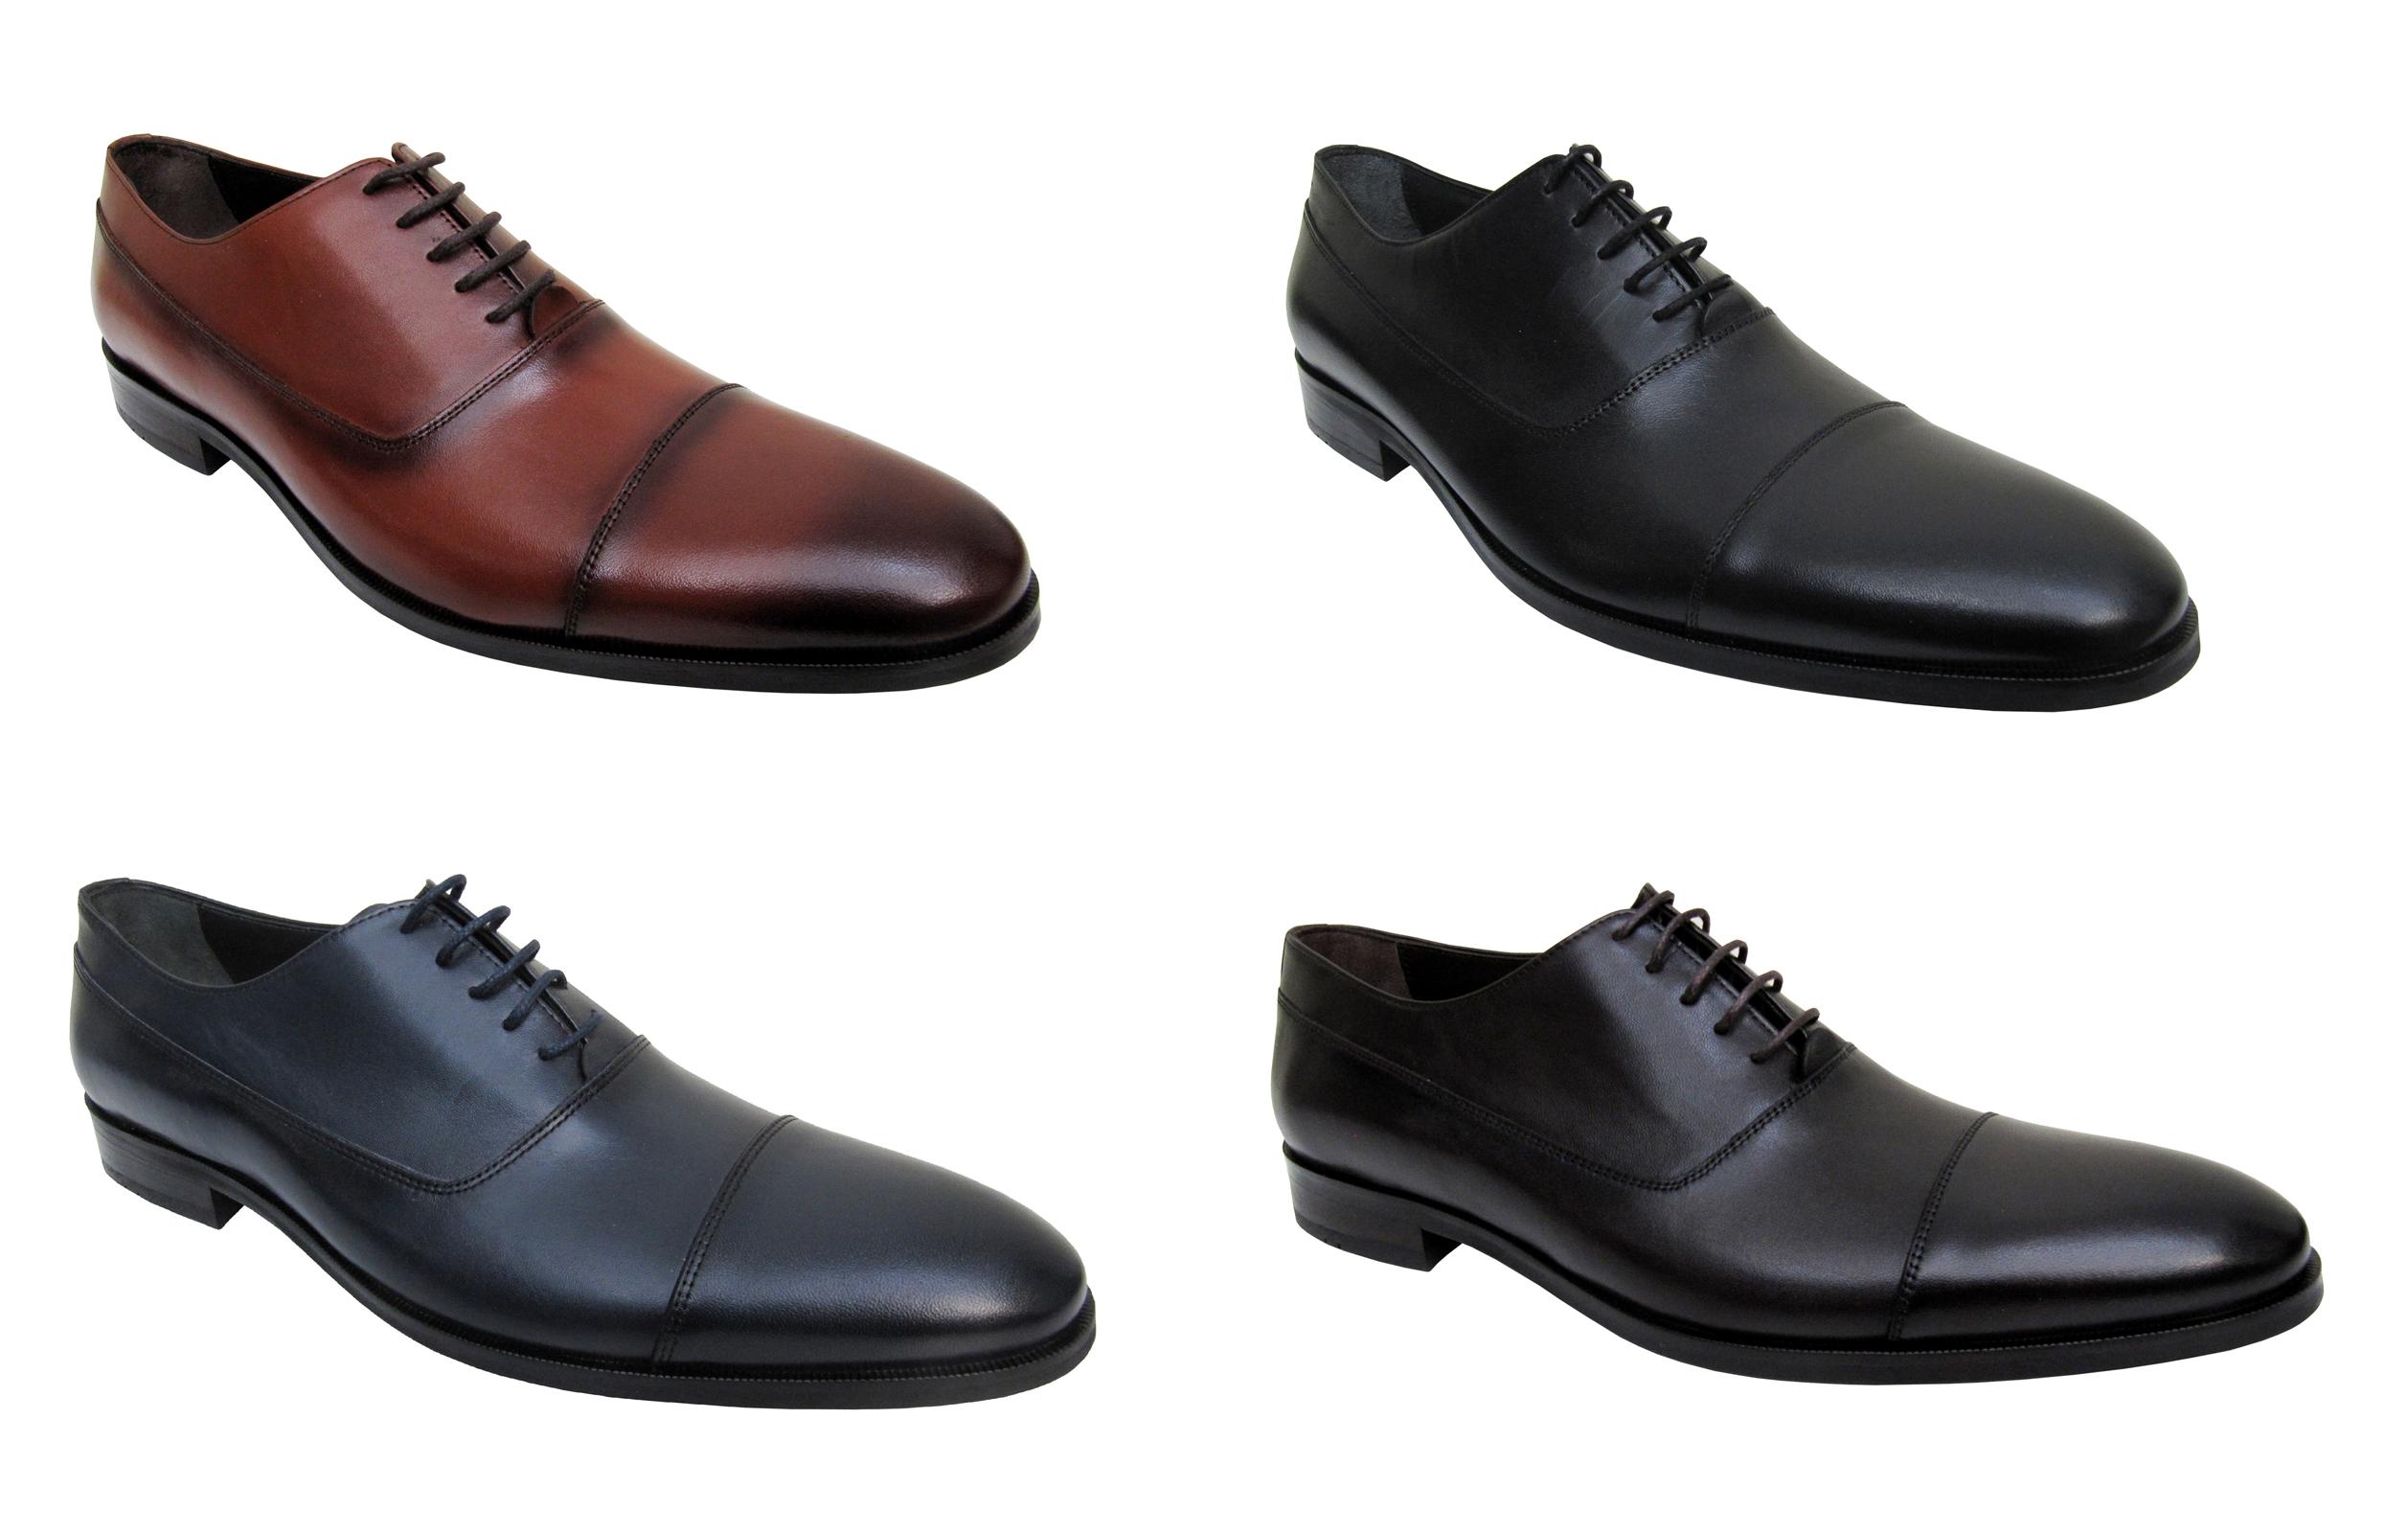 4b27828dd5dff6 Elegante Herren Schuhe für viele Anlässe echt Leder Absatzhöhe 2